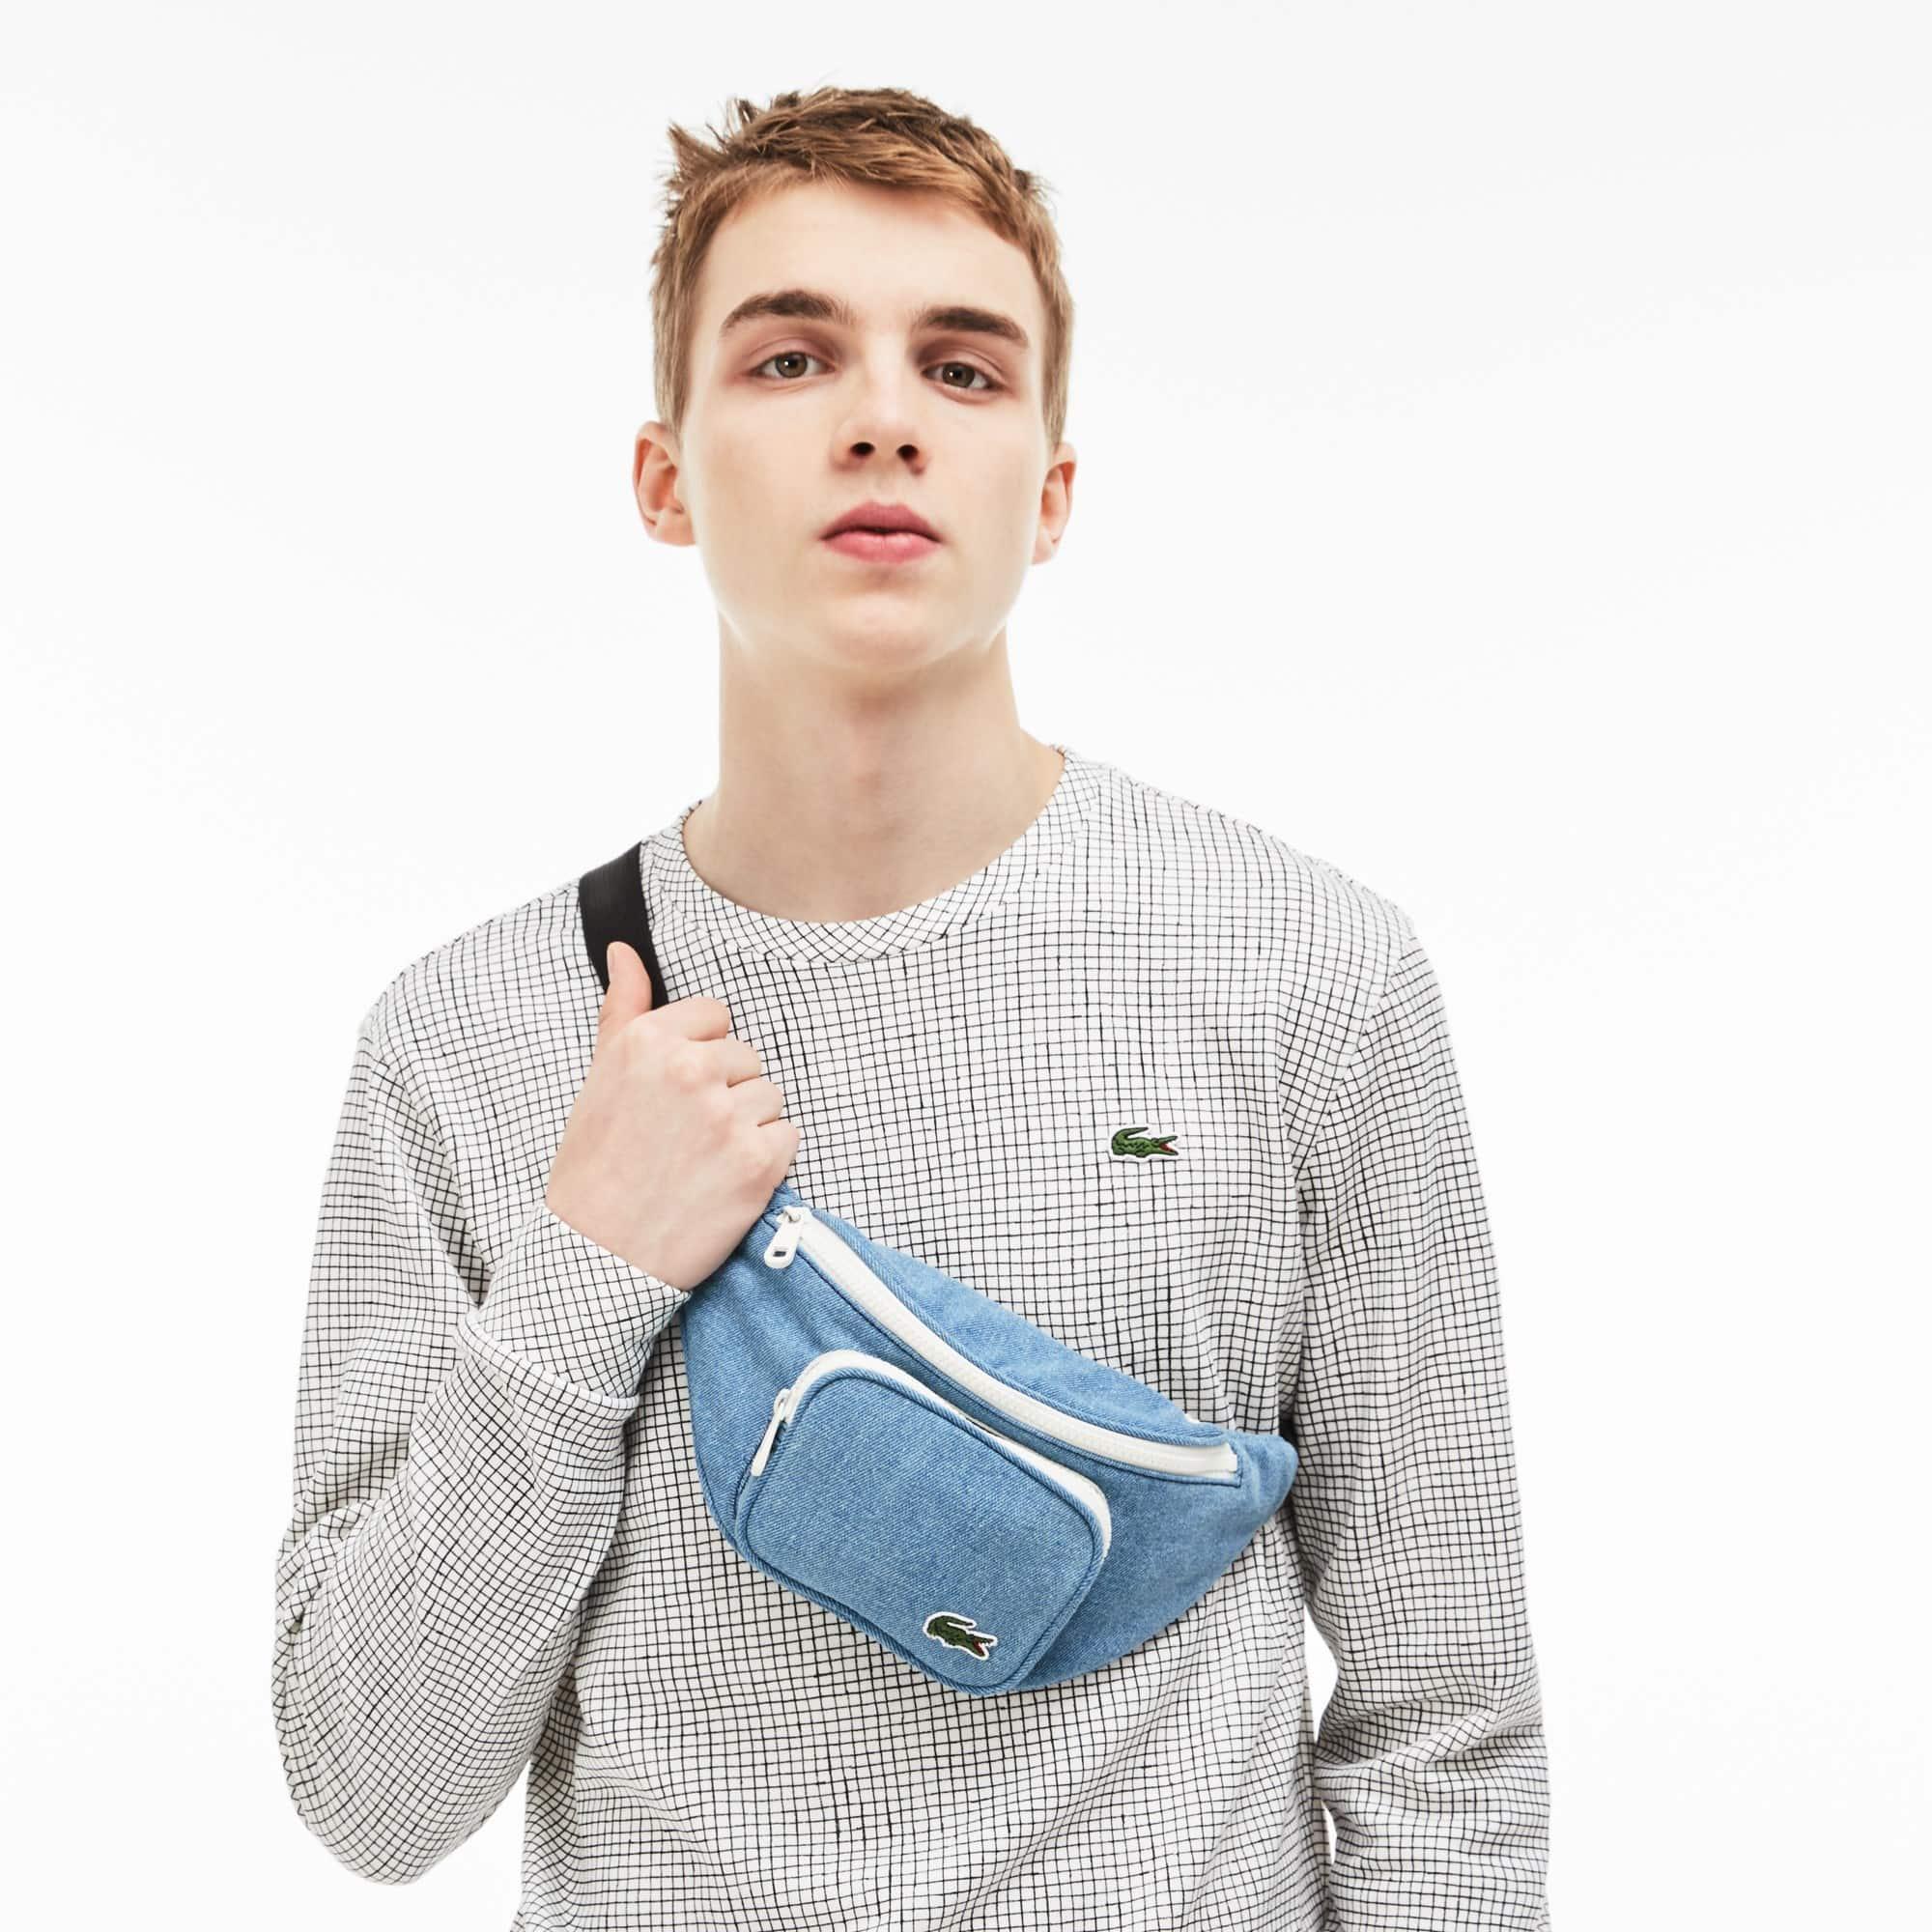 Bolsa de cintura com fecho de correr Street Live em algodão com efeito ganga